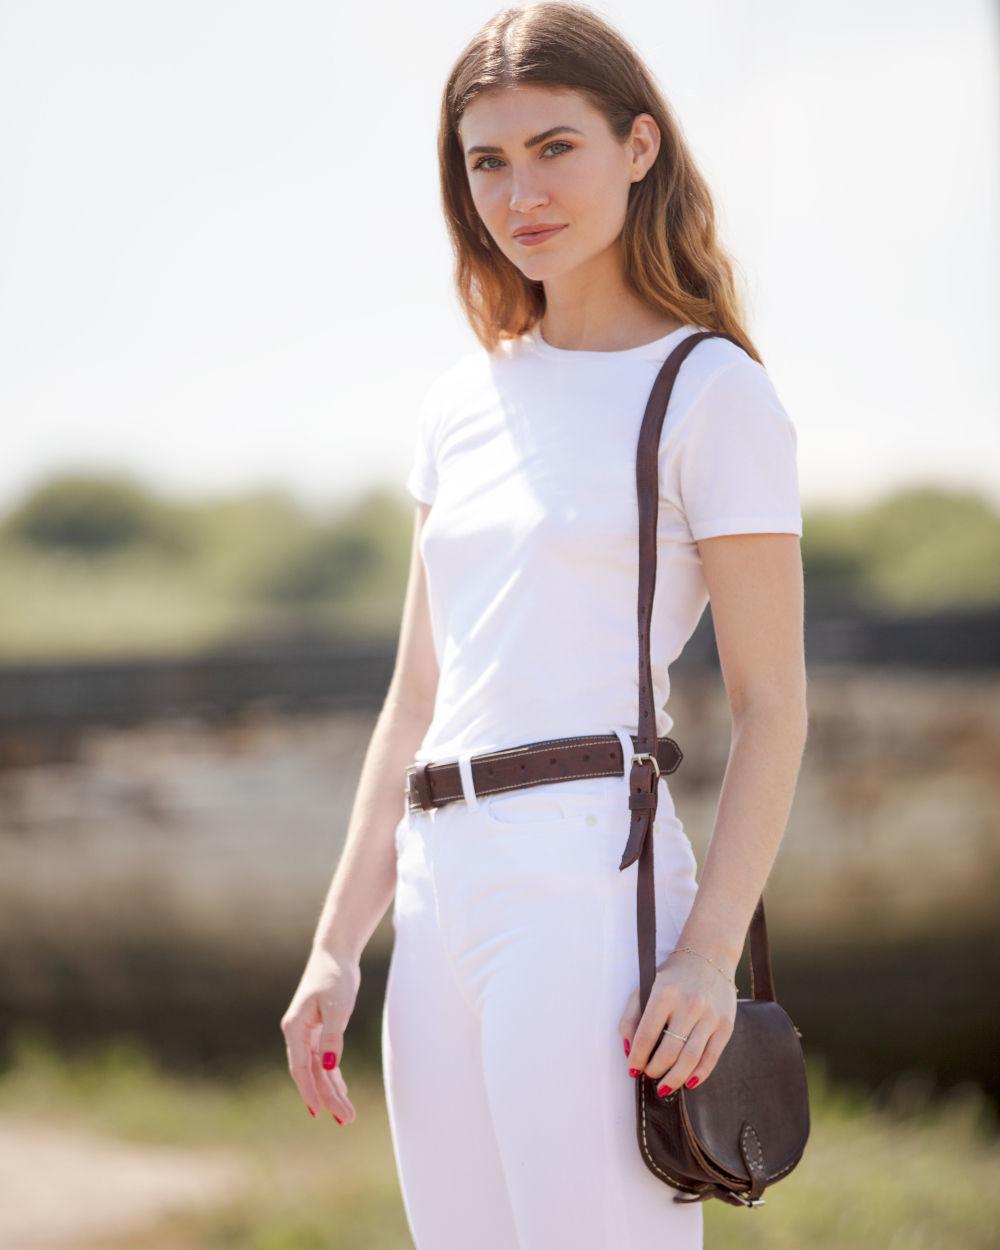 the-temara-small-saddle-bag-in-dark-brown